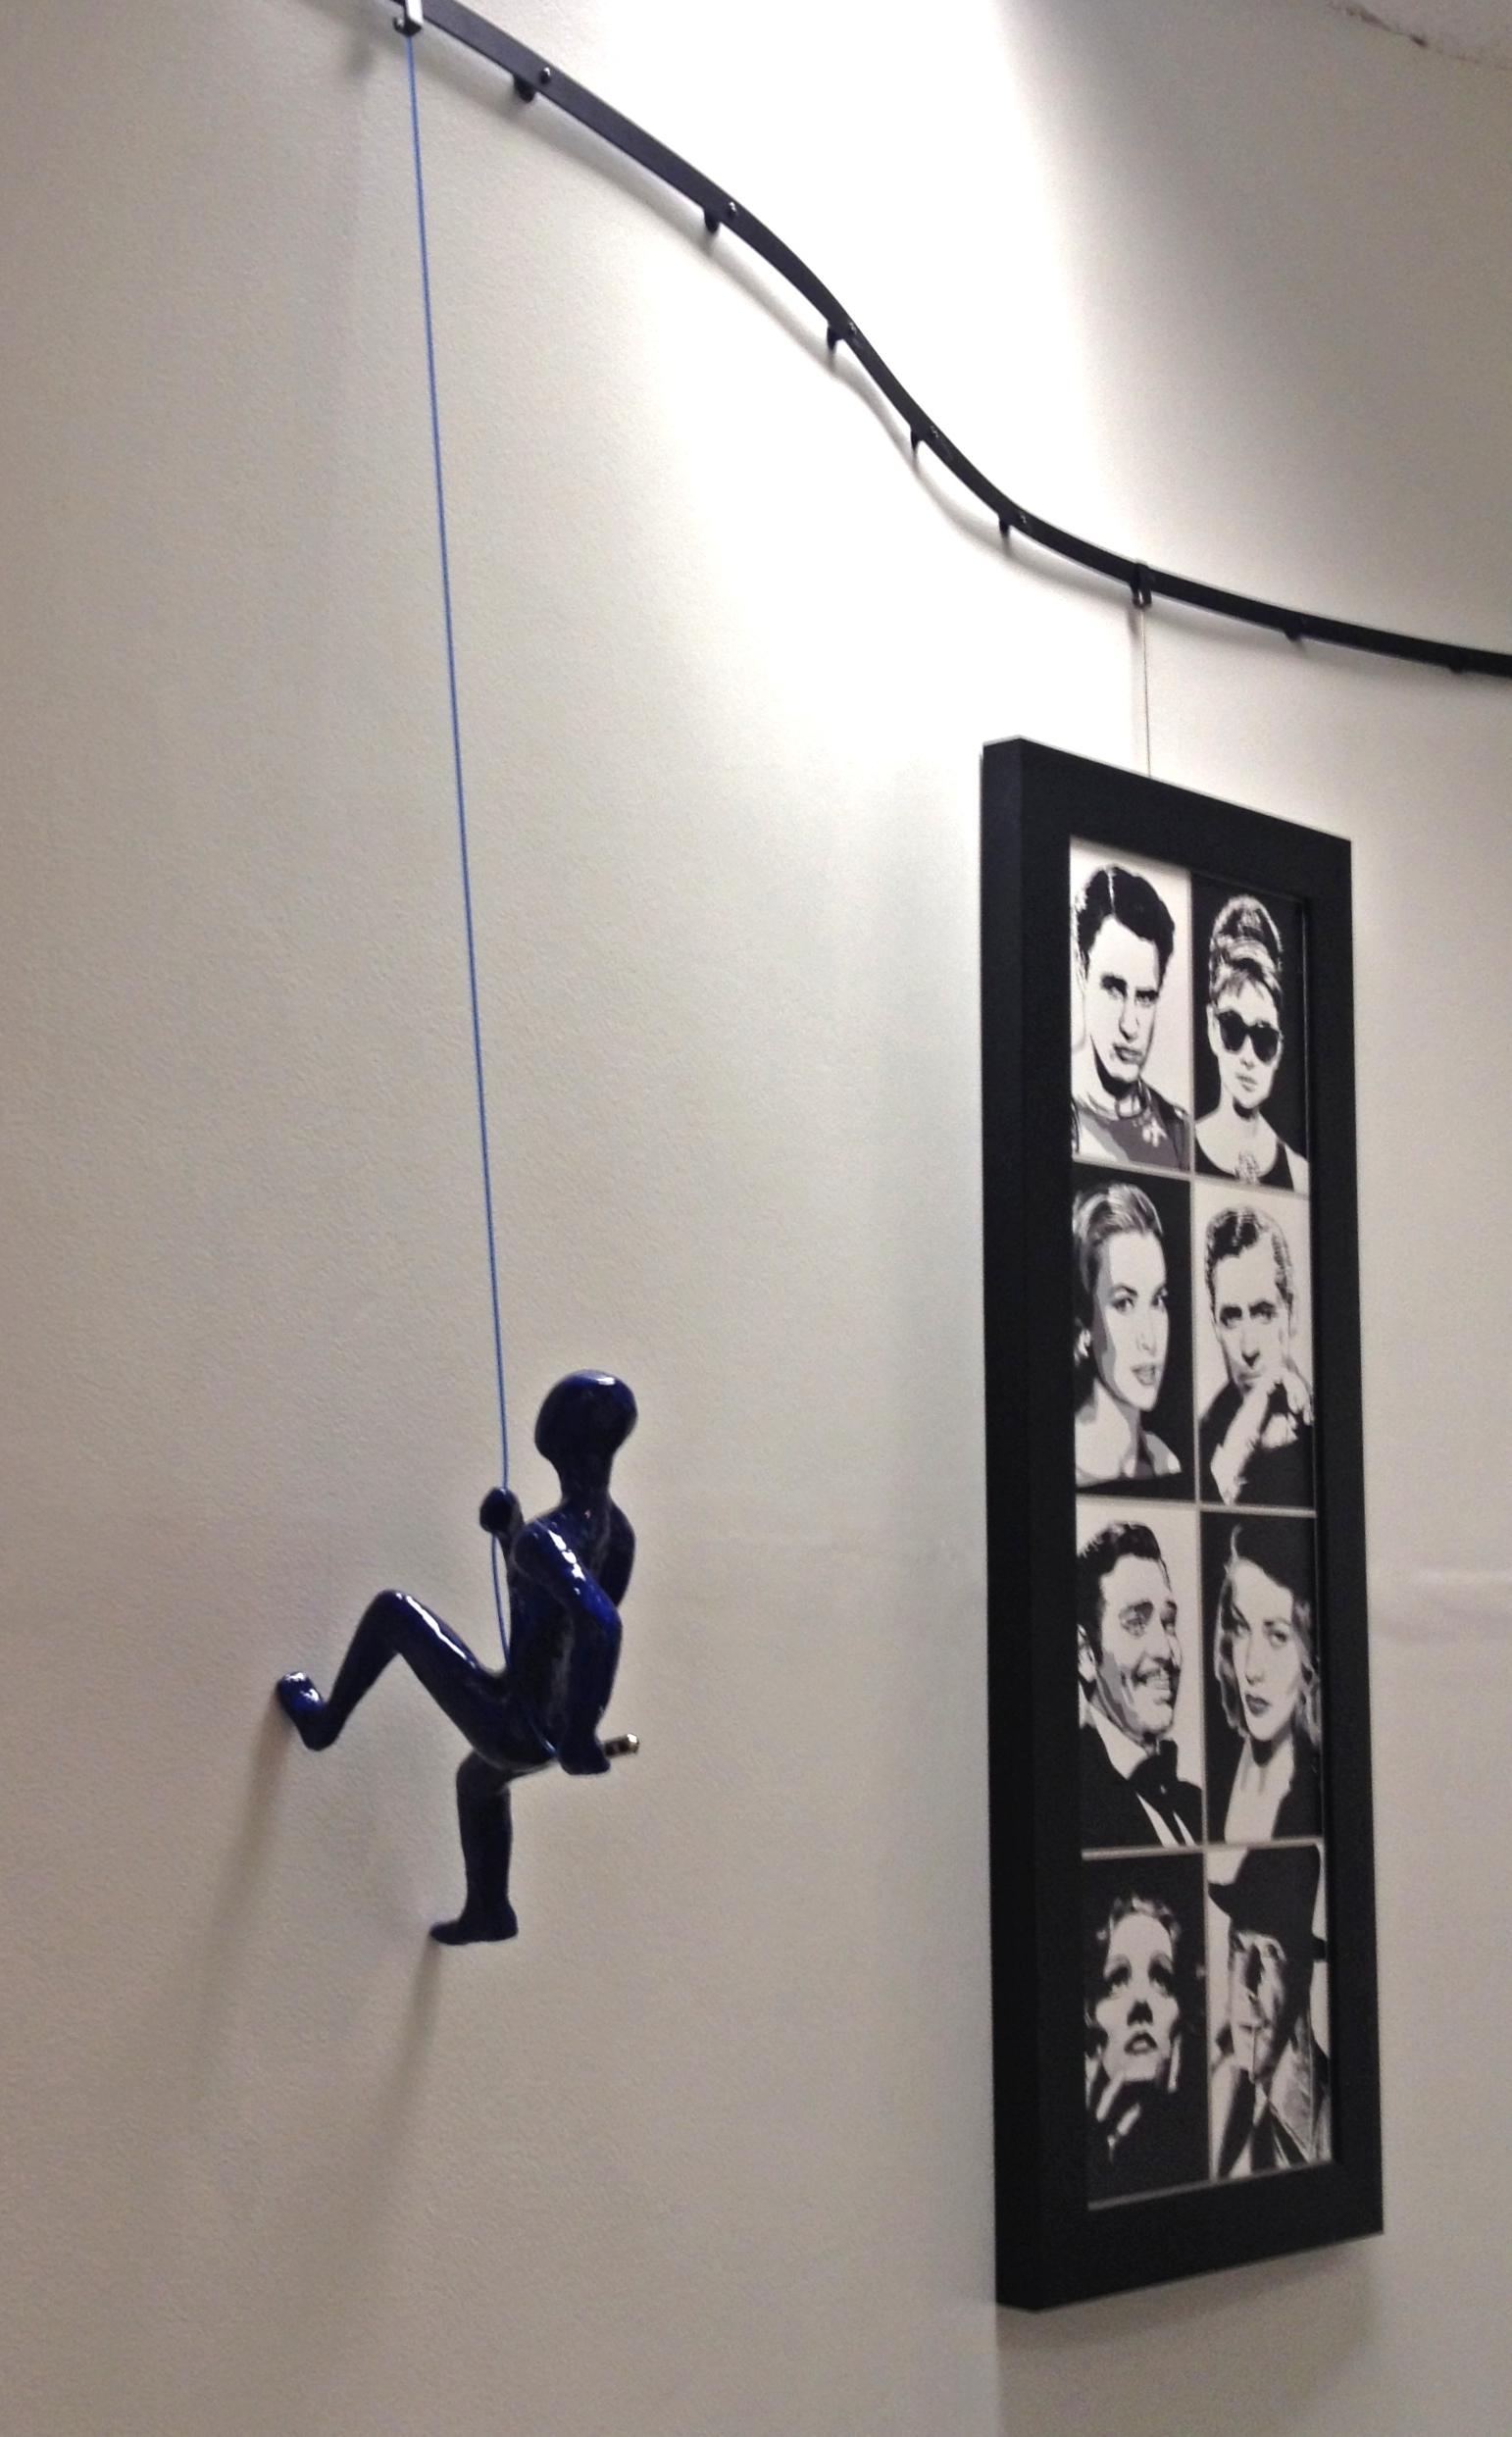 2018 Wall Art Ideas Design : Living Abstract 3D Wall Art Sculptures Regarding Owl Framed Wall Art (View 15 of 15)